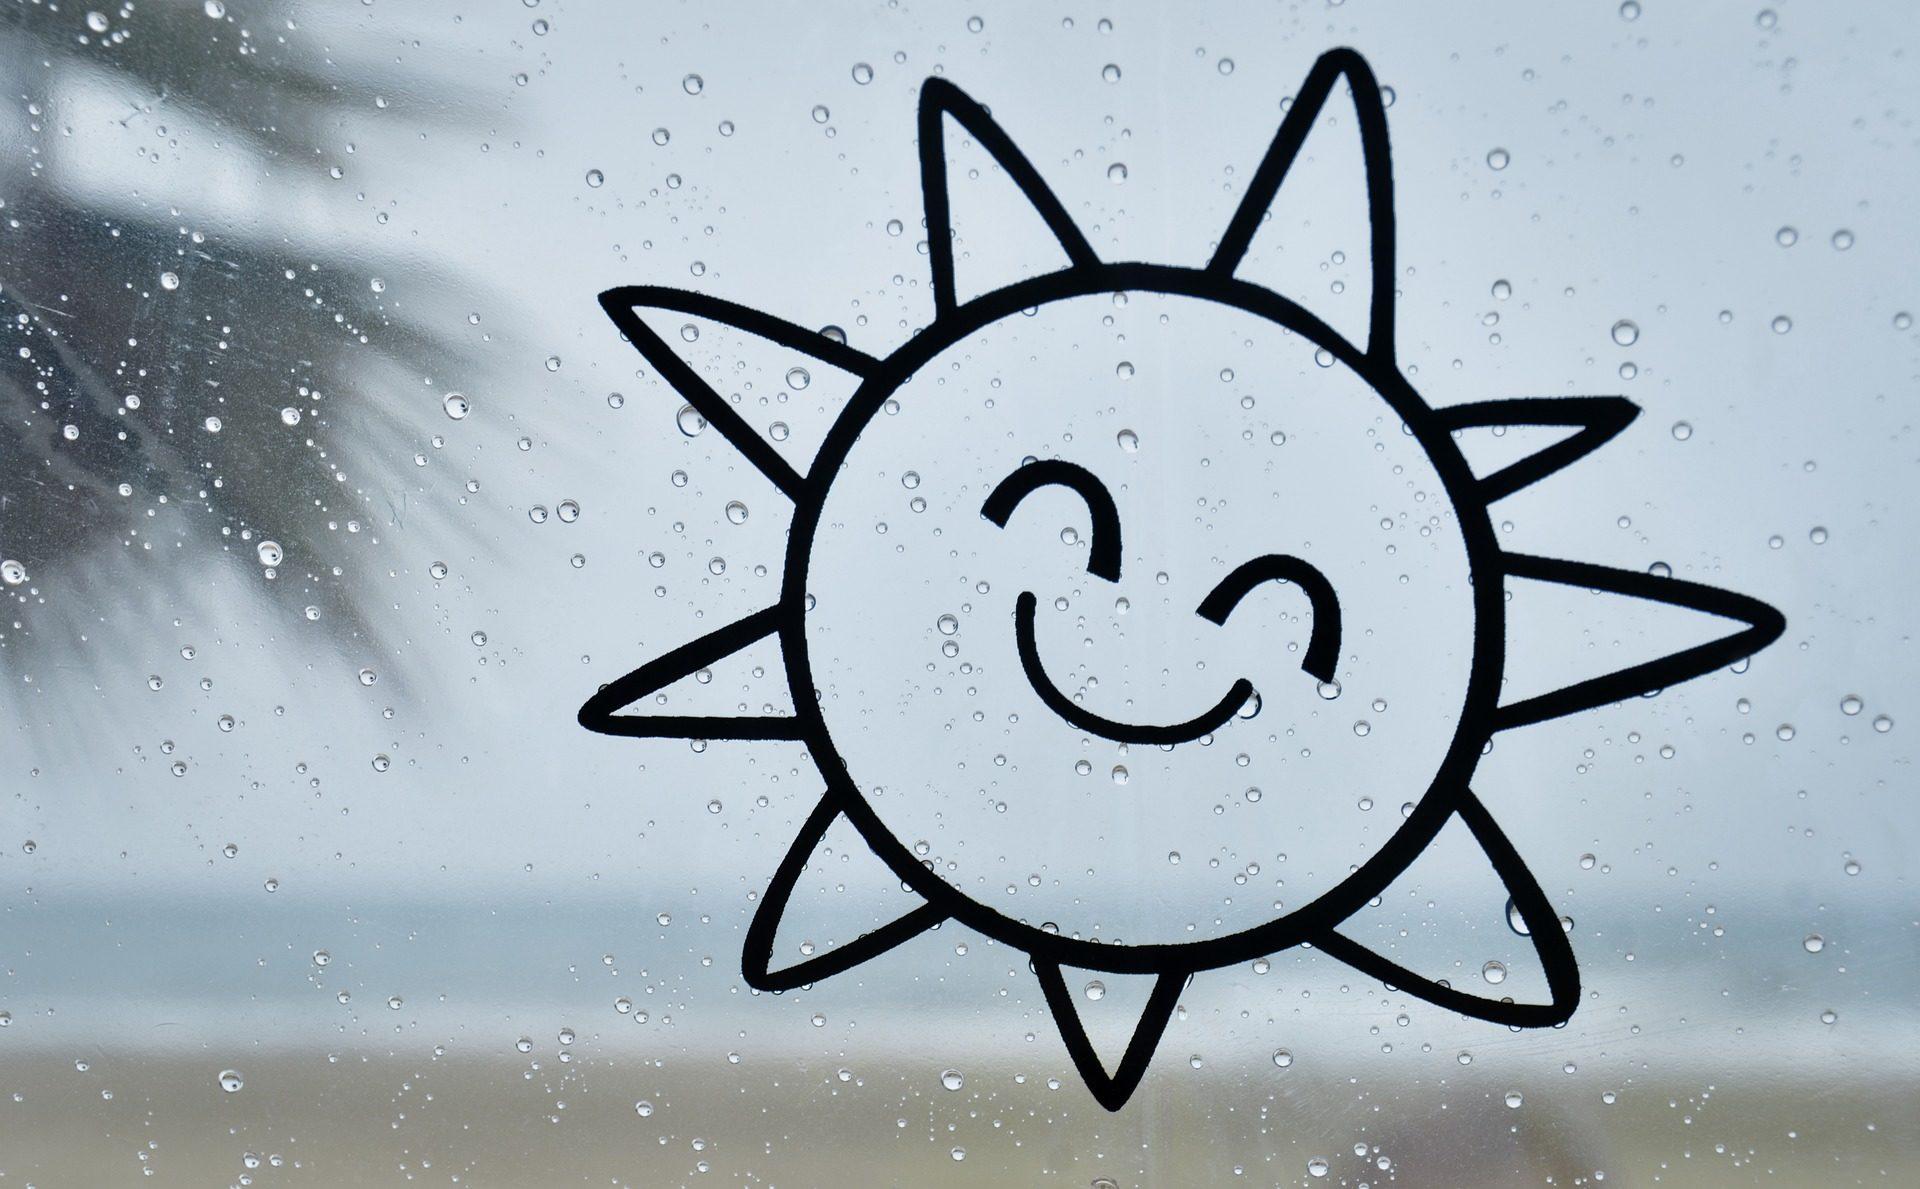 Кристалл, стекло, дождь, капли, Рисунок, Солнце, смех - Обои HD - Профессор falken.com